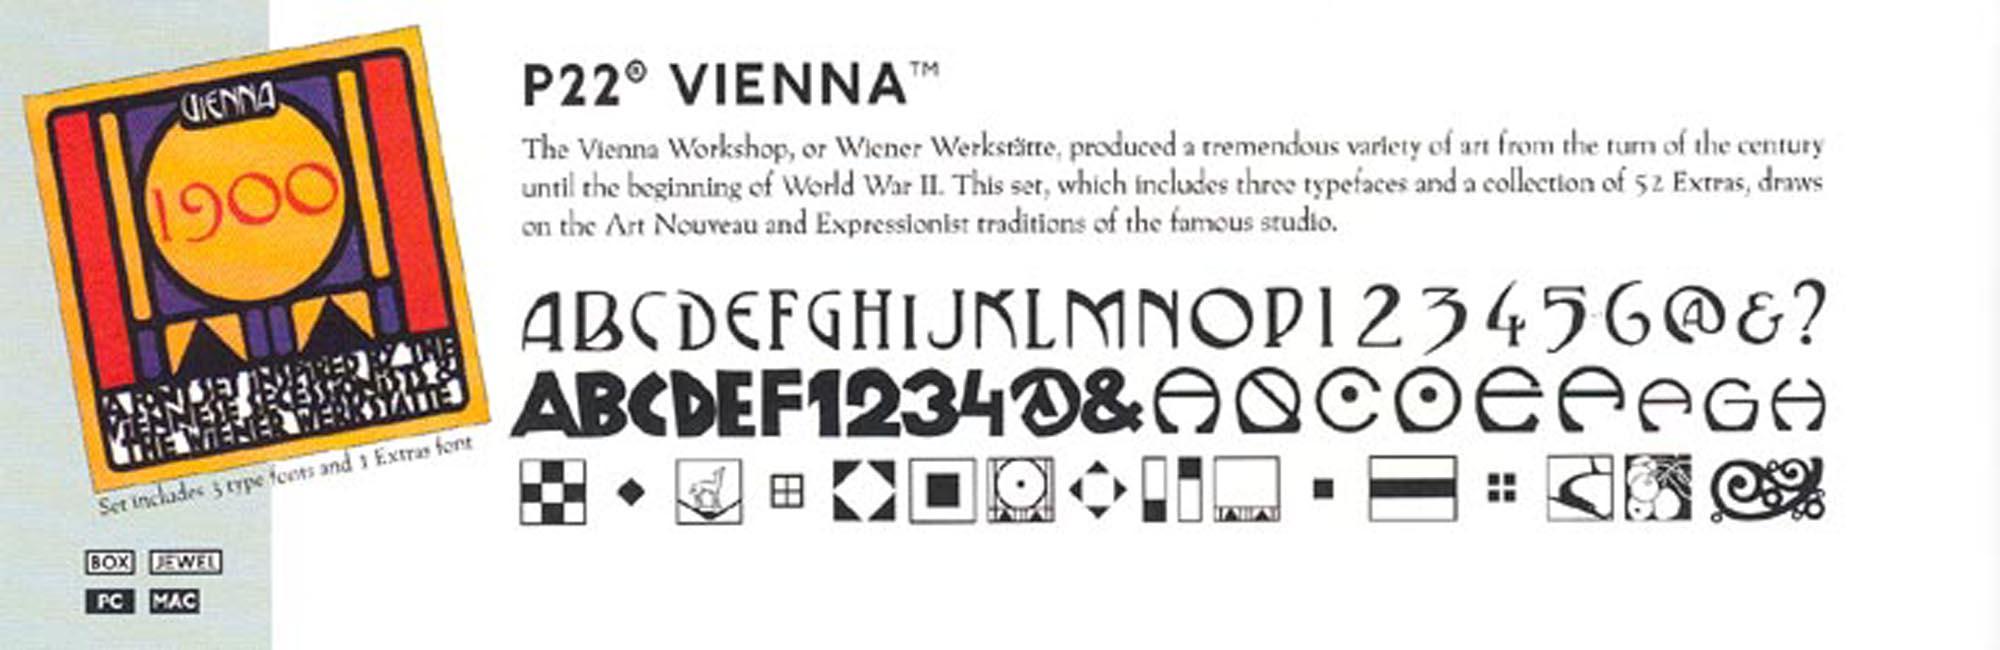 VIENNA 1900 FONT